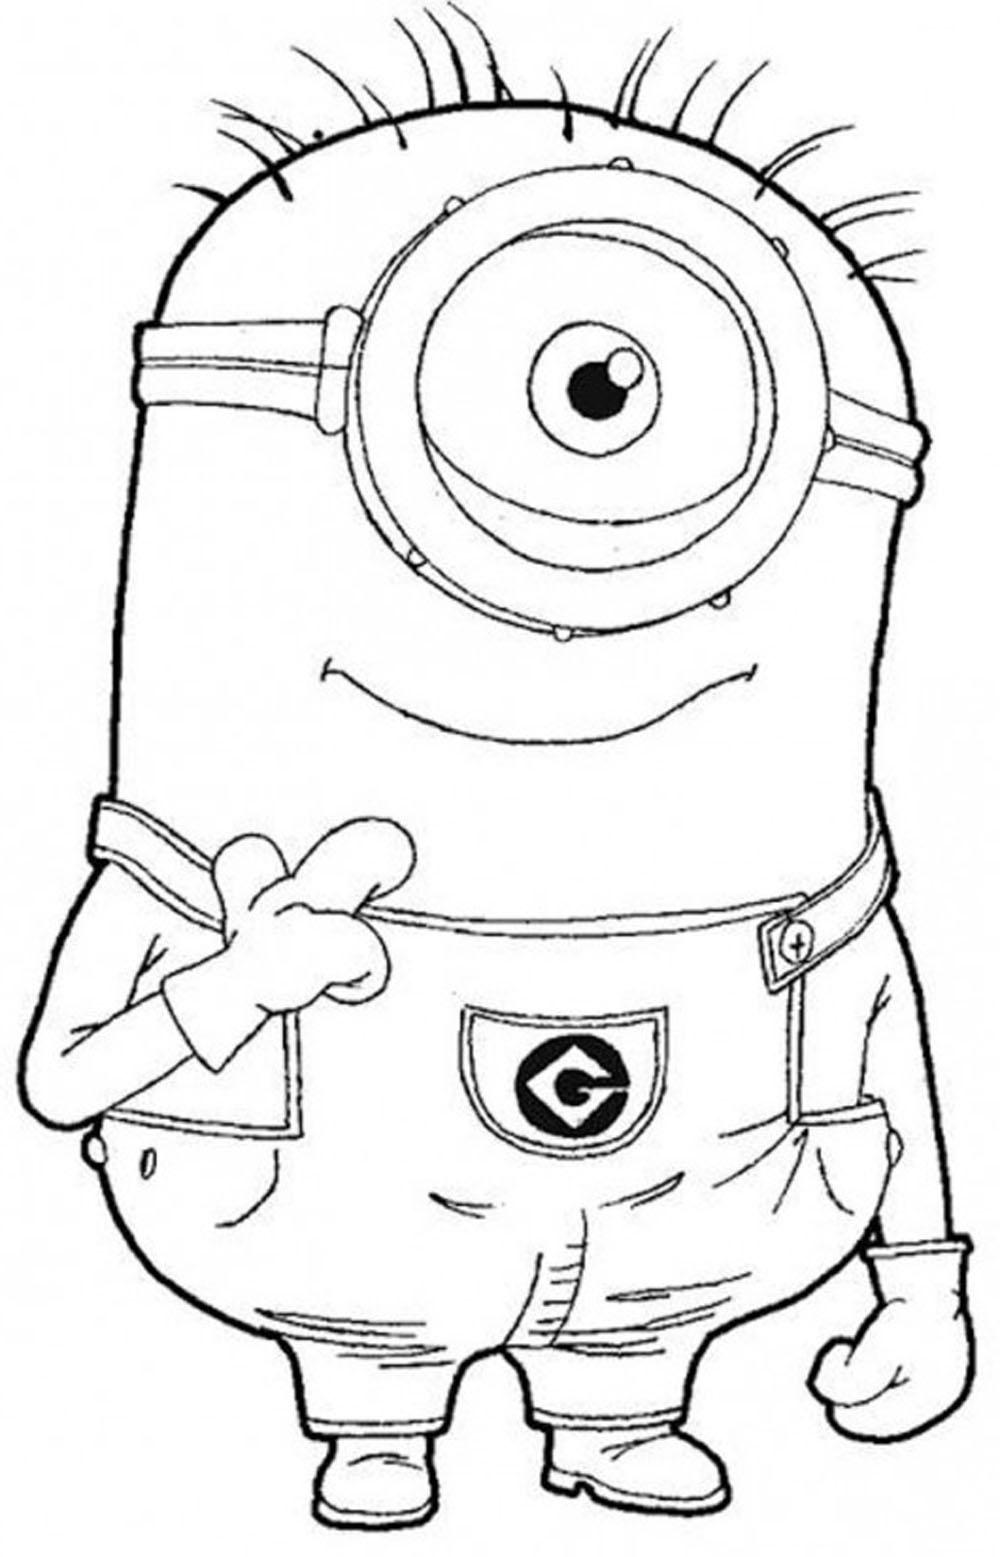 minion-pelicula-mi-villano-favorito-imagen-para-colorear-y-dibujar ...